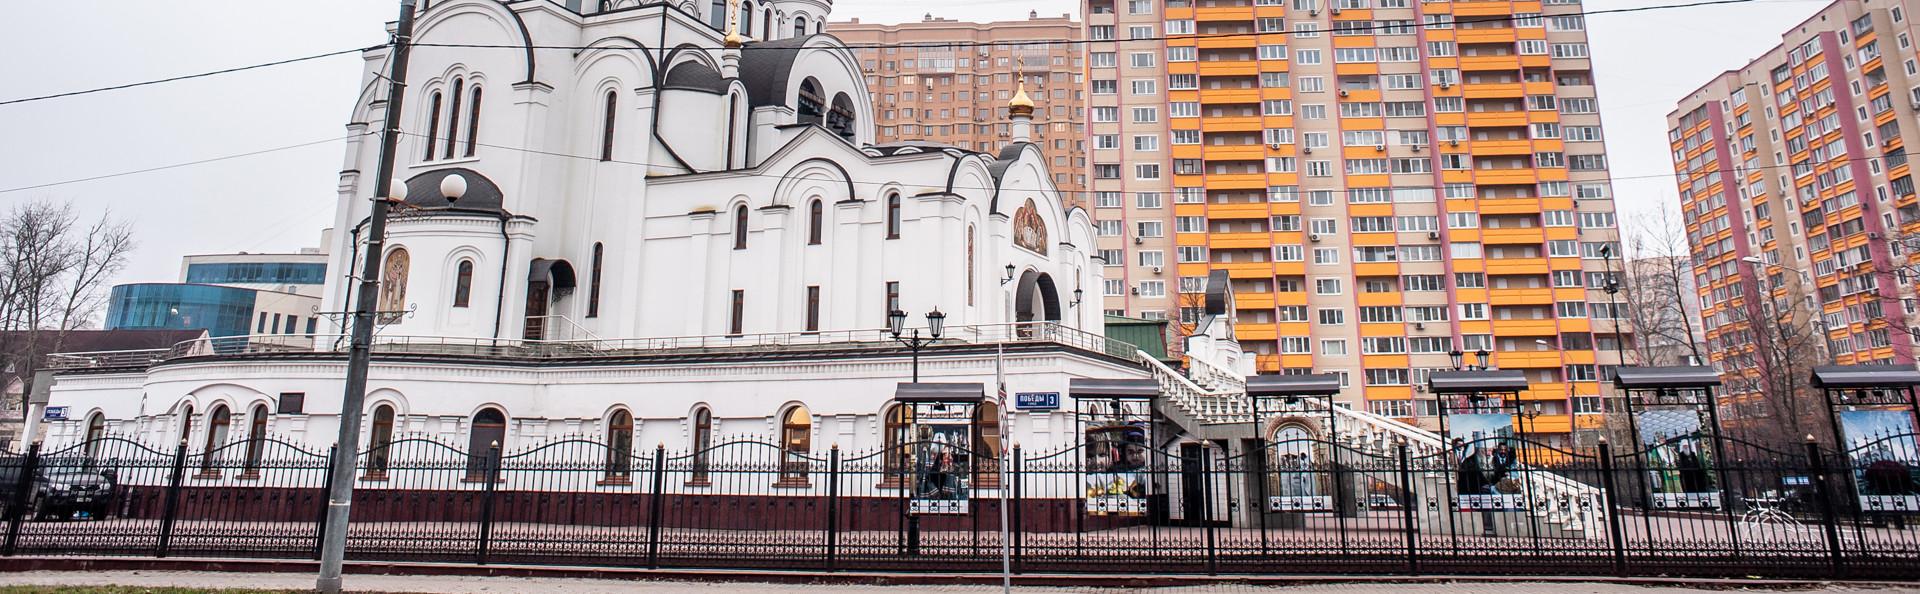 Реутов, Храм Святой Троицы